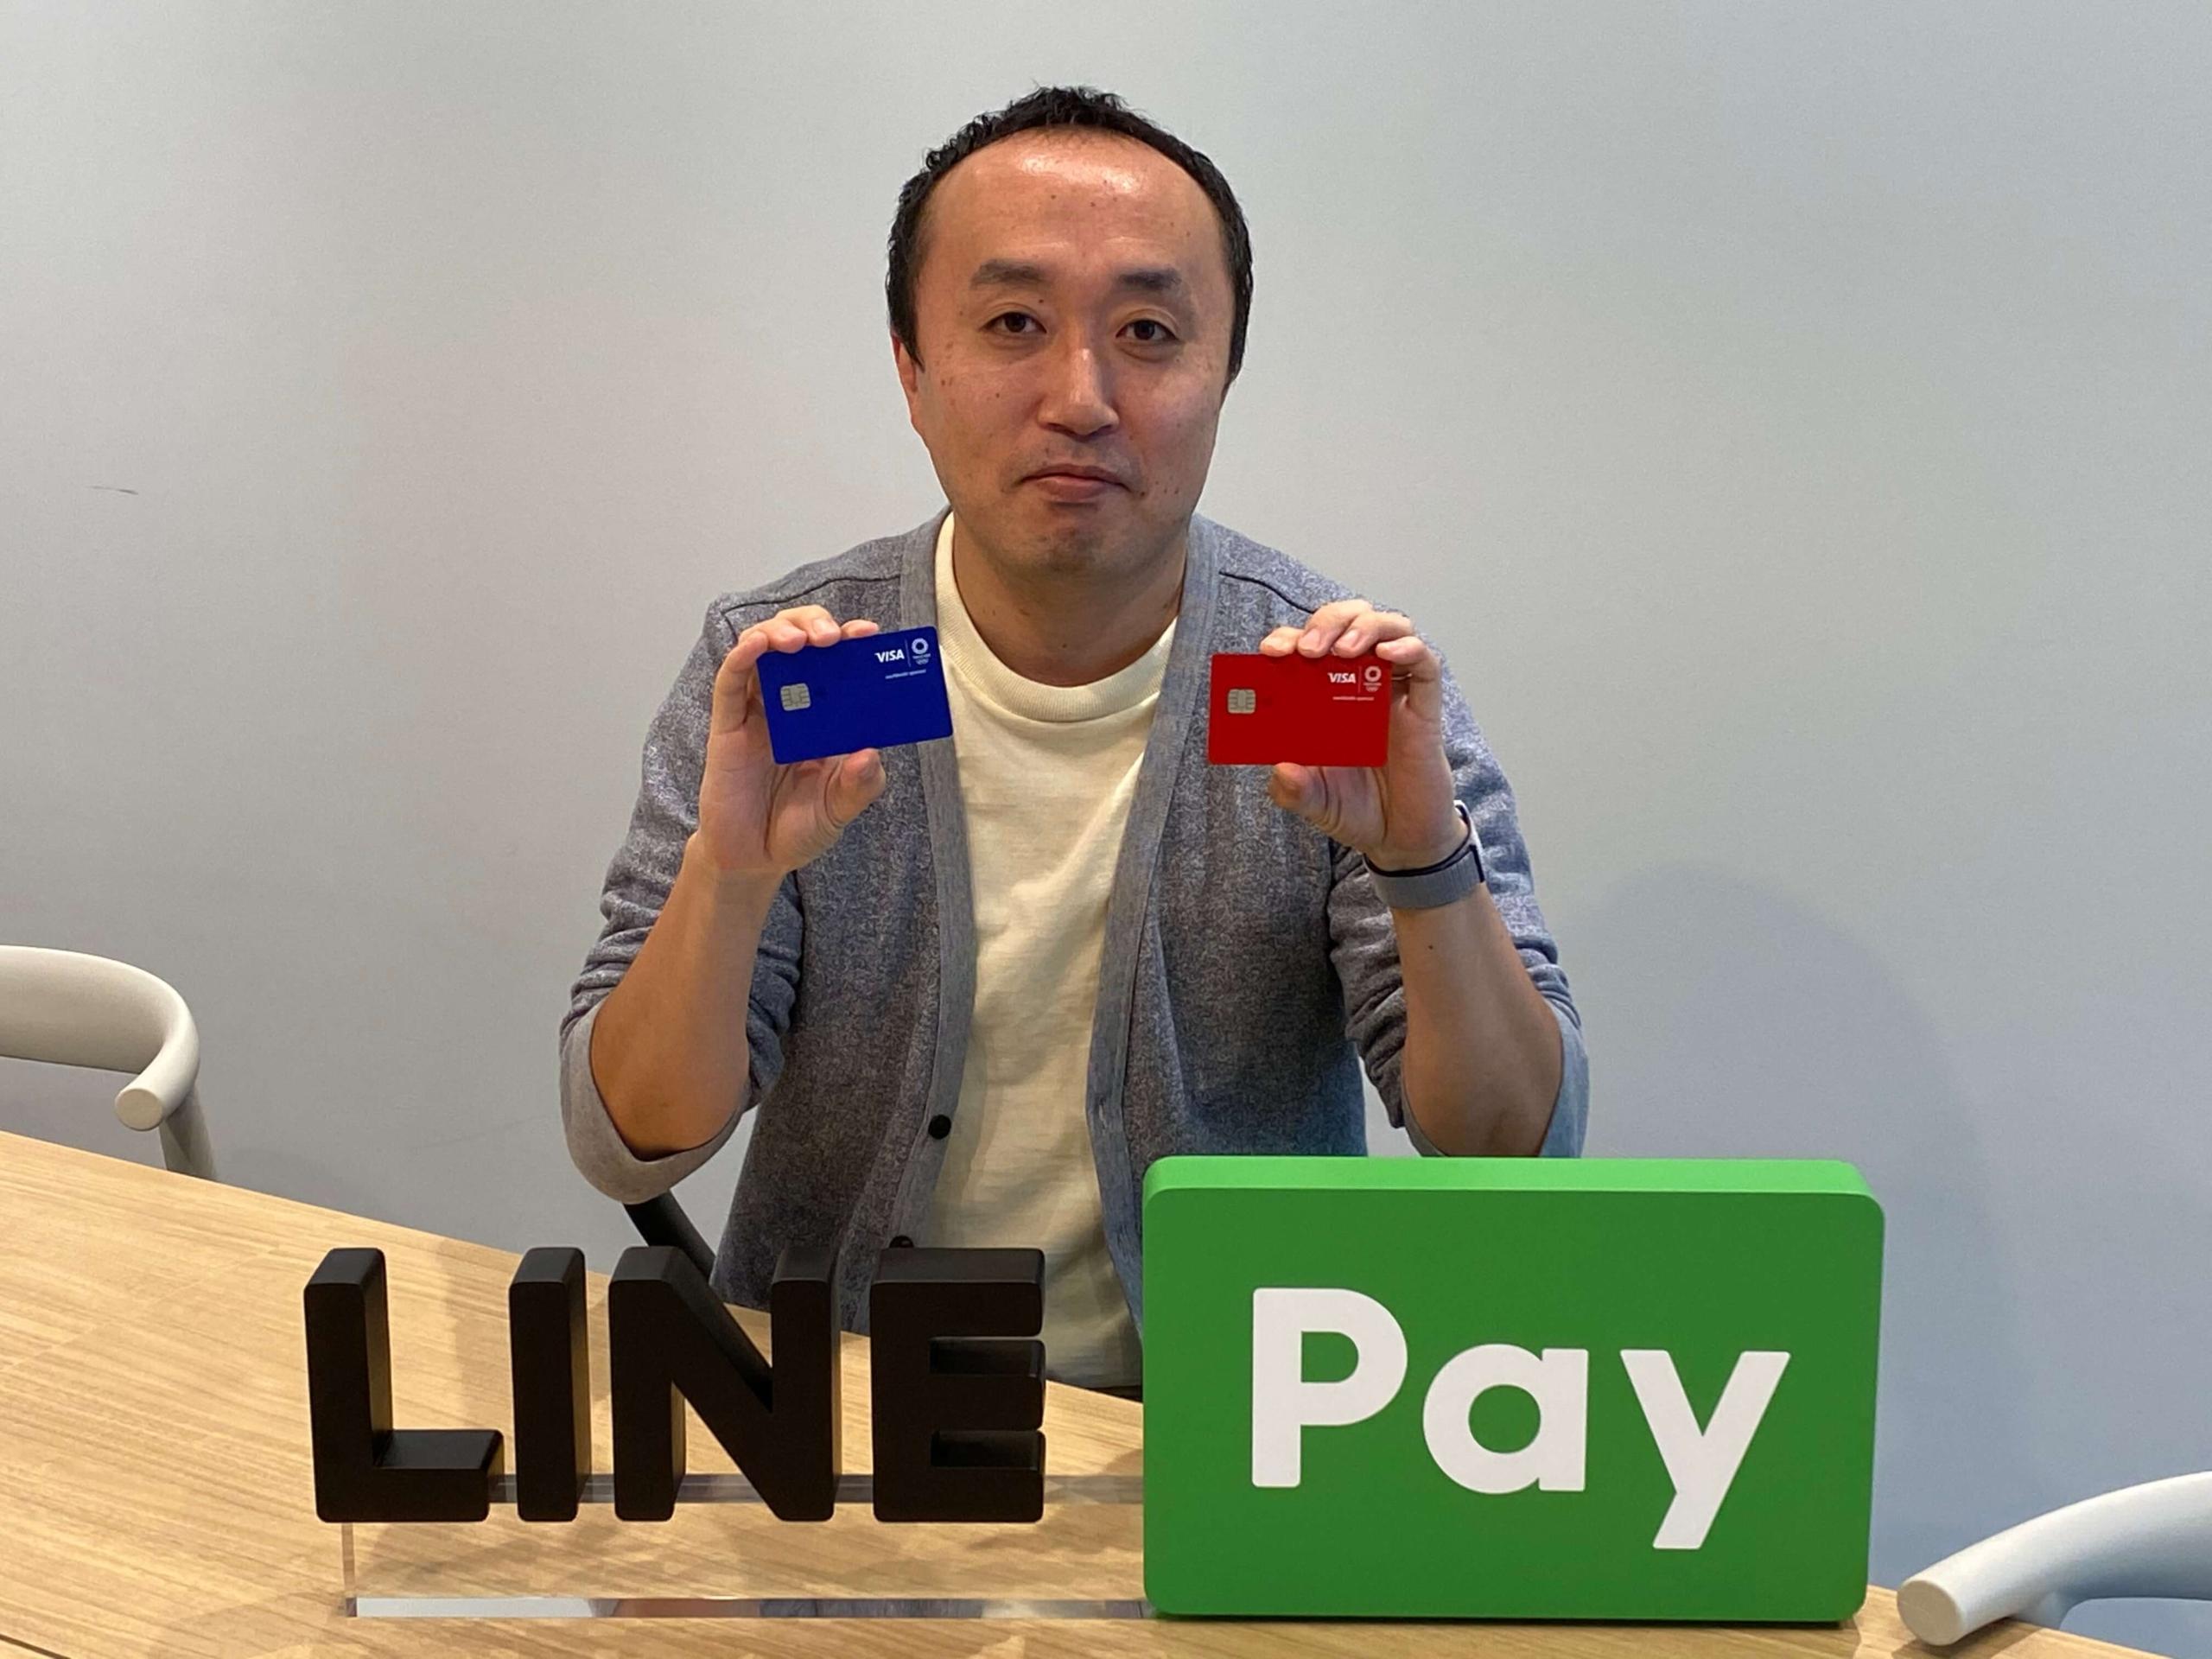 【LINE Payの挑戦】あえて今、クレジットカード事業に進出する理由